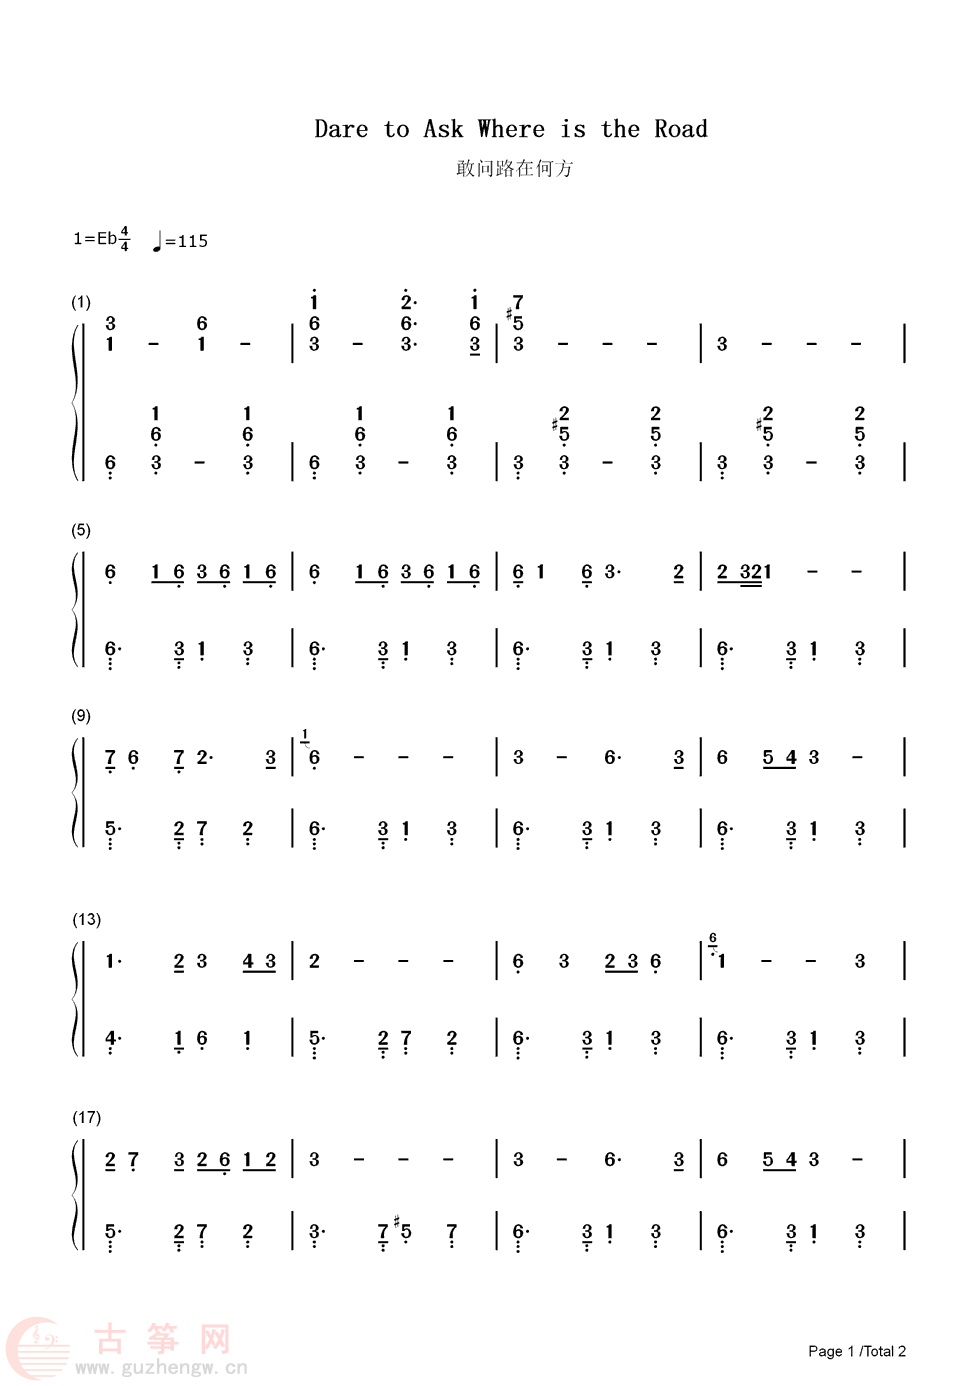 敢问路在何方-西游记主题歌 - 流行古筝曲谱 - 中国